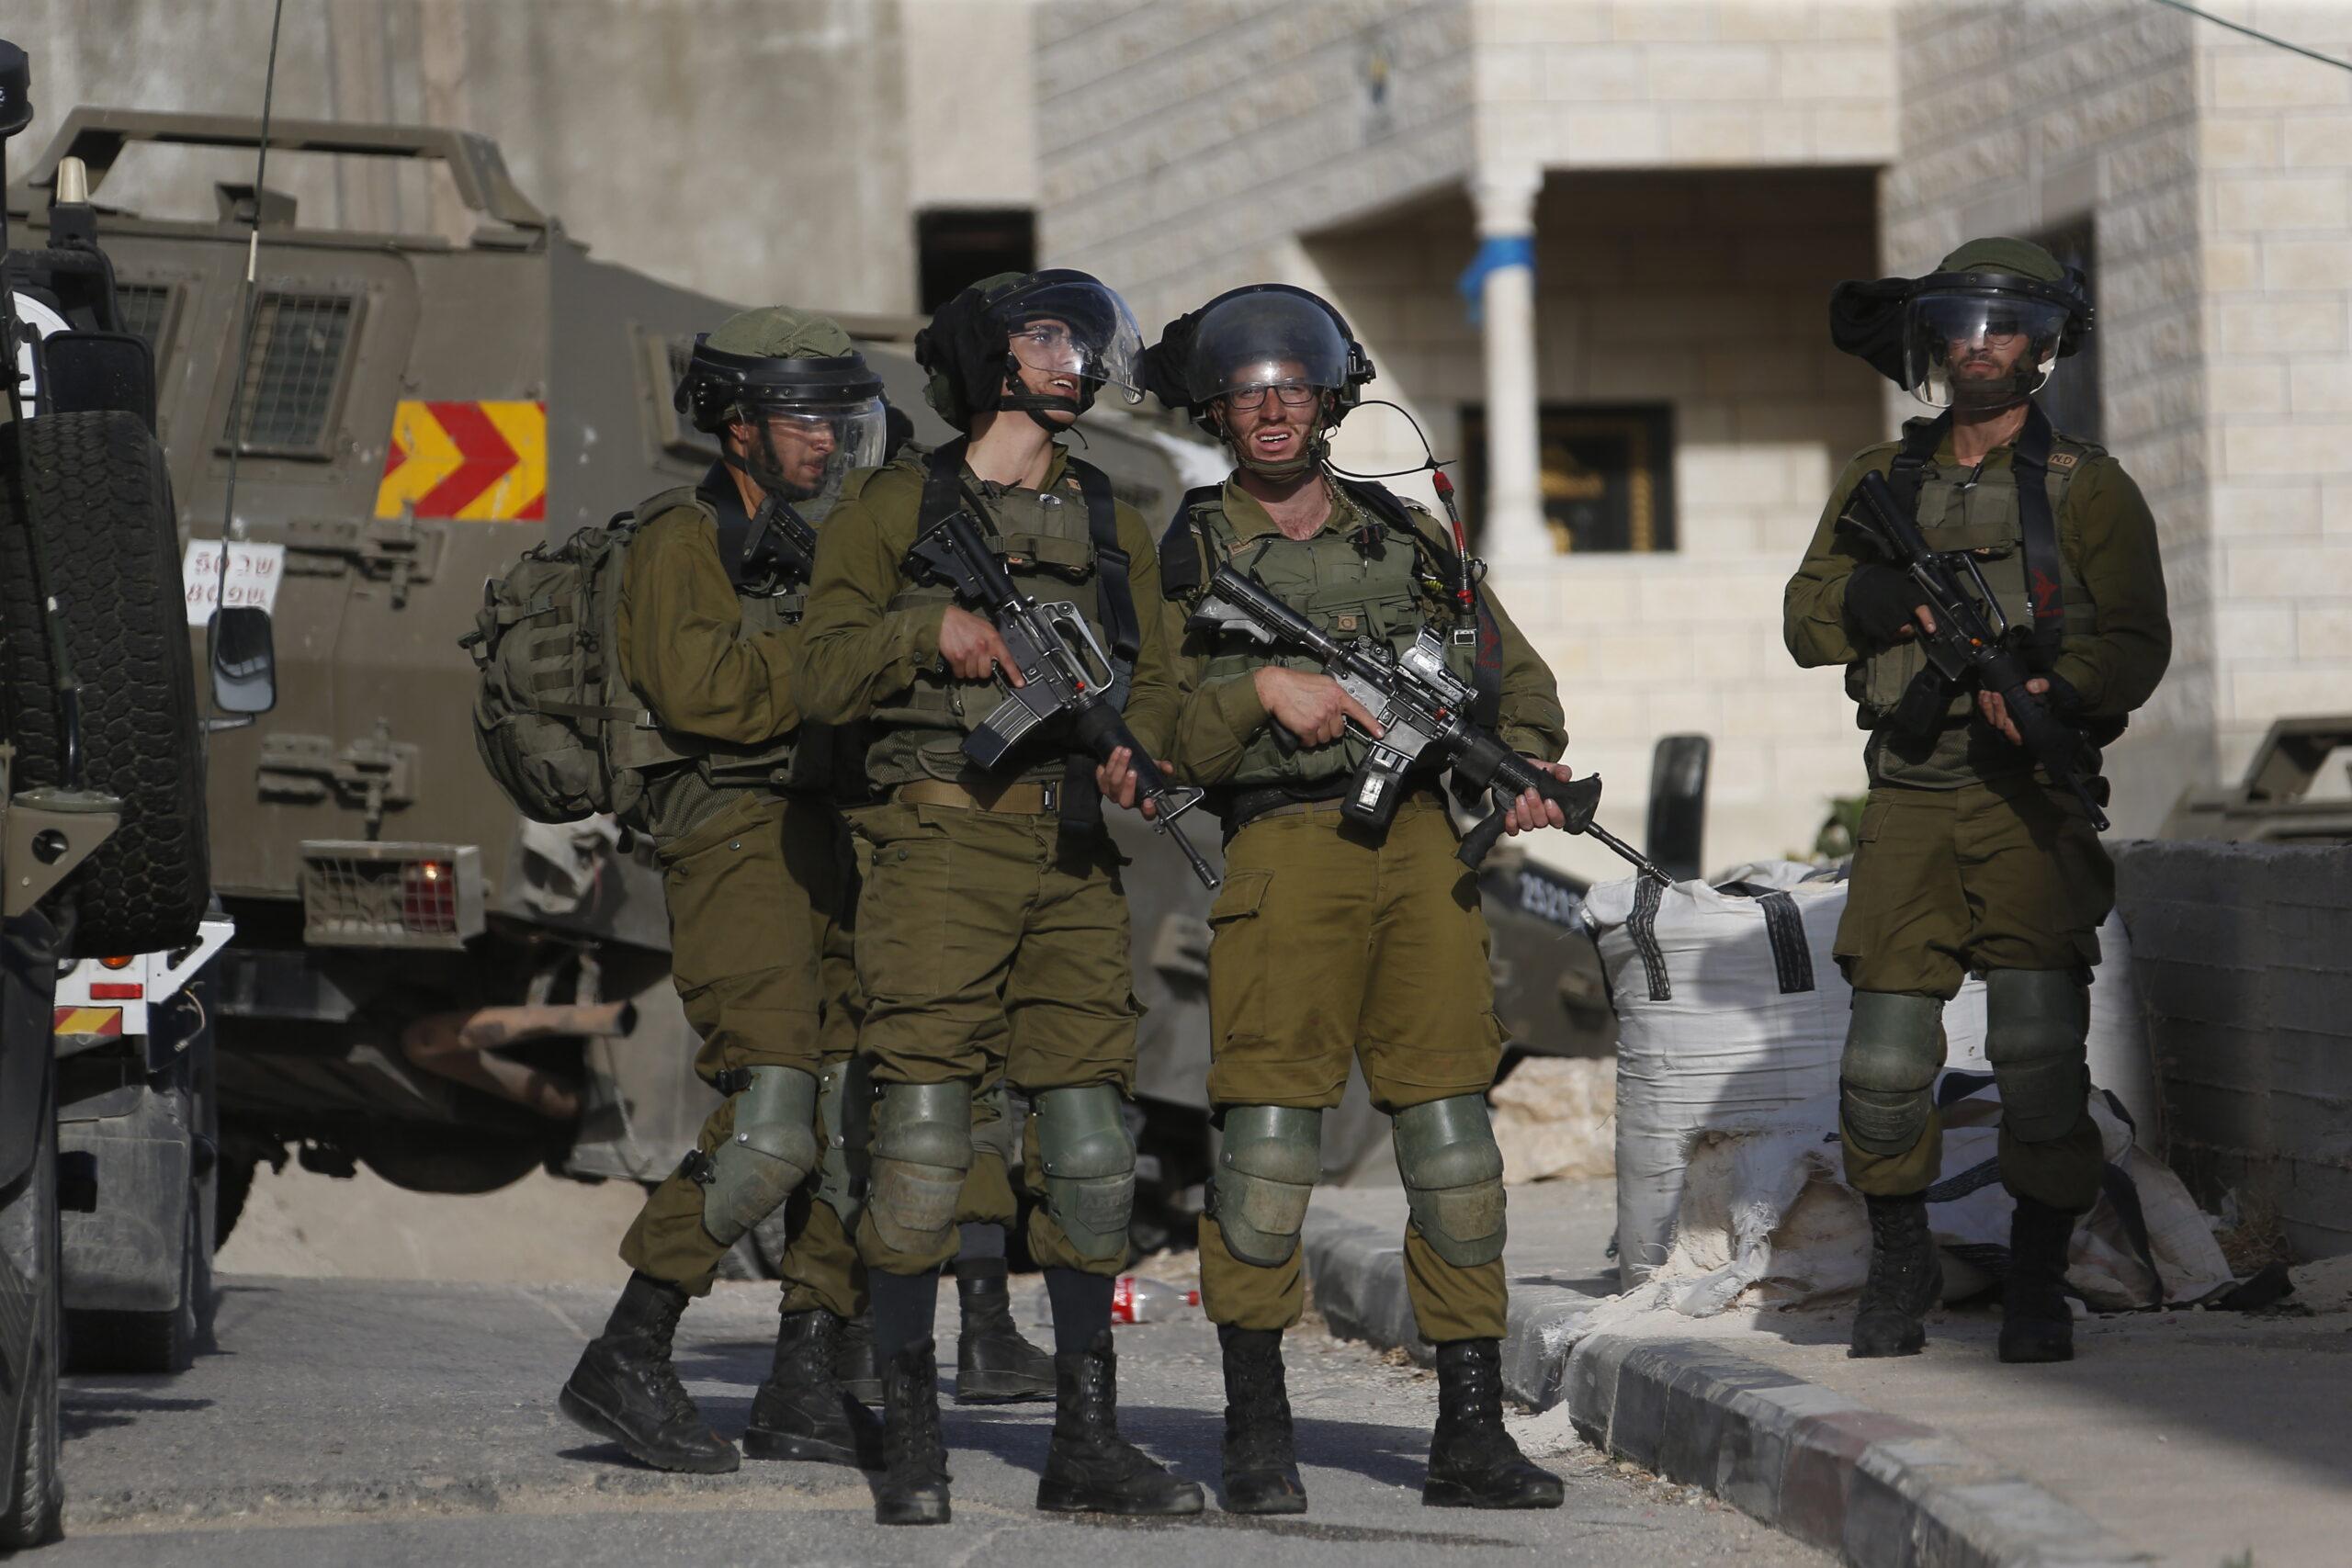 Fegyveres támadás történt egy izraeli katonai őrhelynél